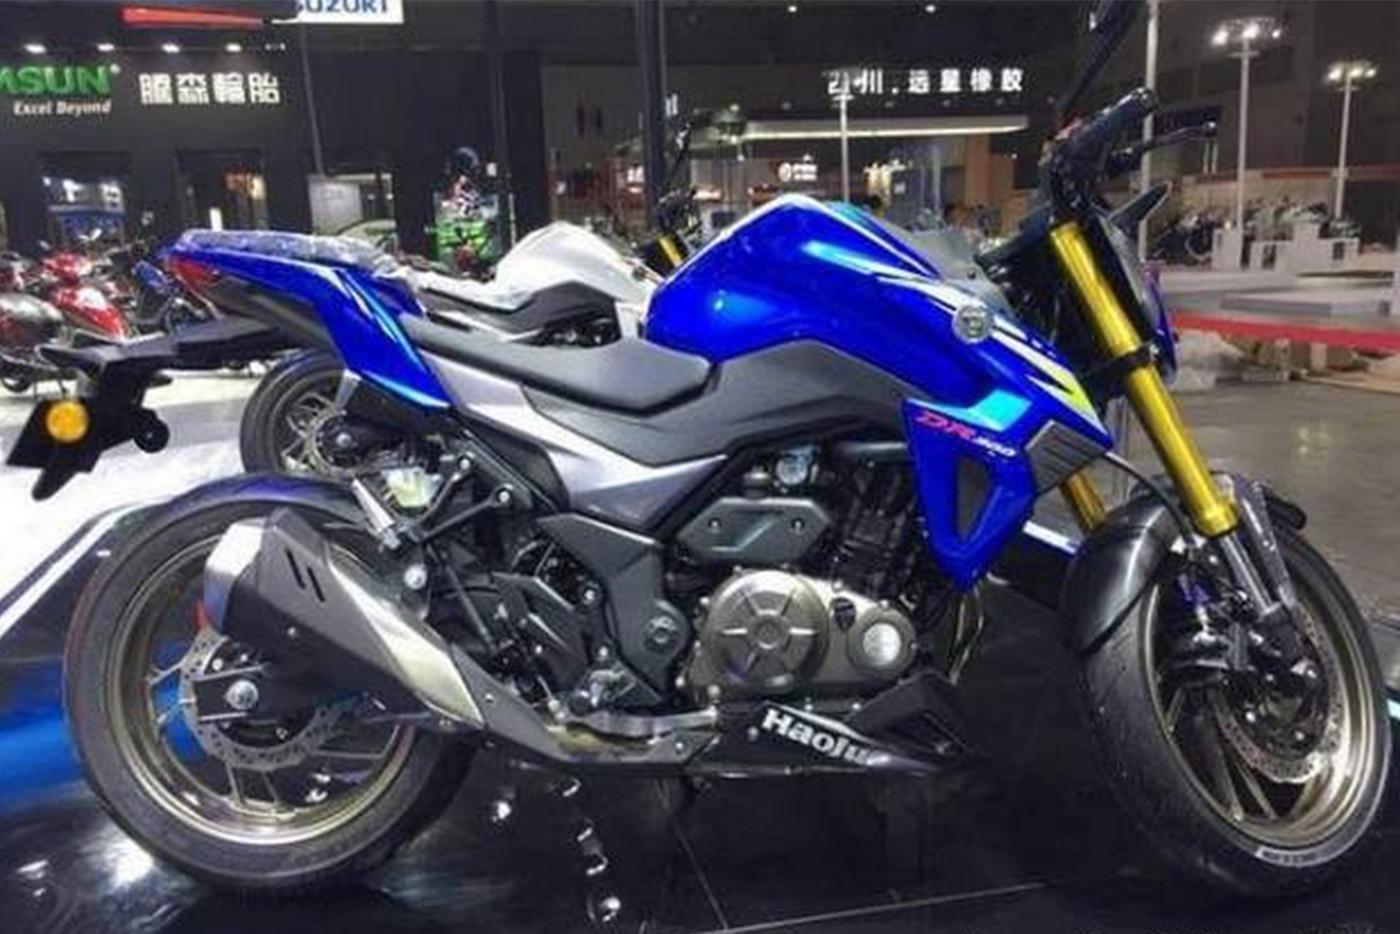 suzuki-gixxer-300-7.jpg